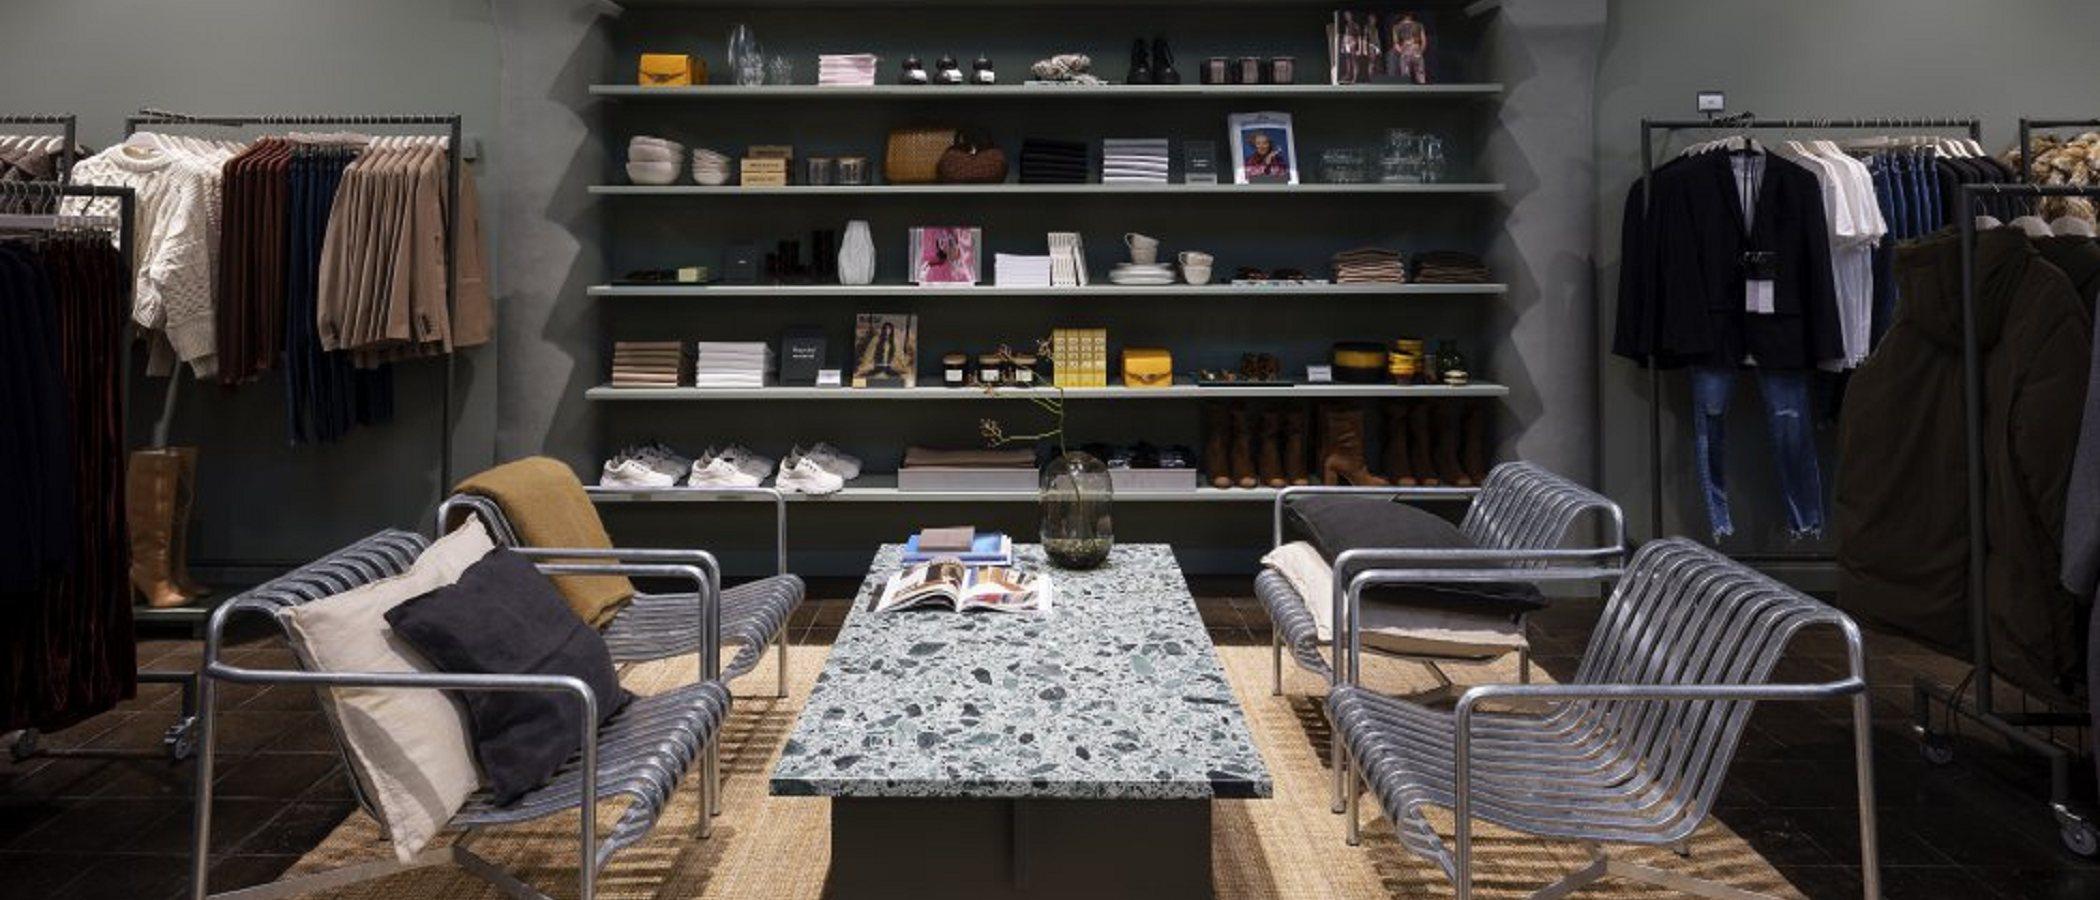 Así serán las nueva tiendas de H&M alejadas de su modelo tradicional